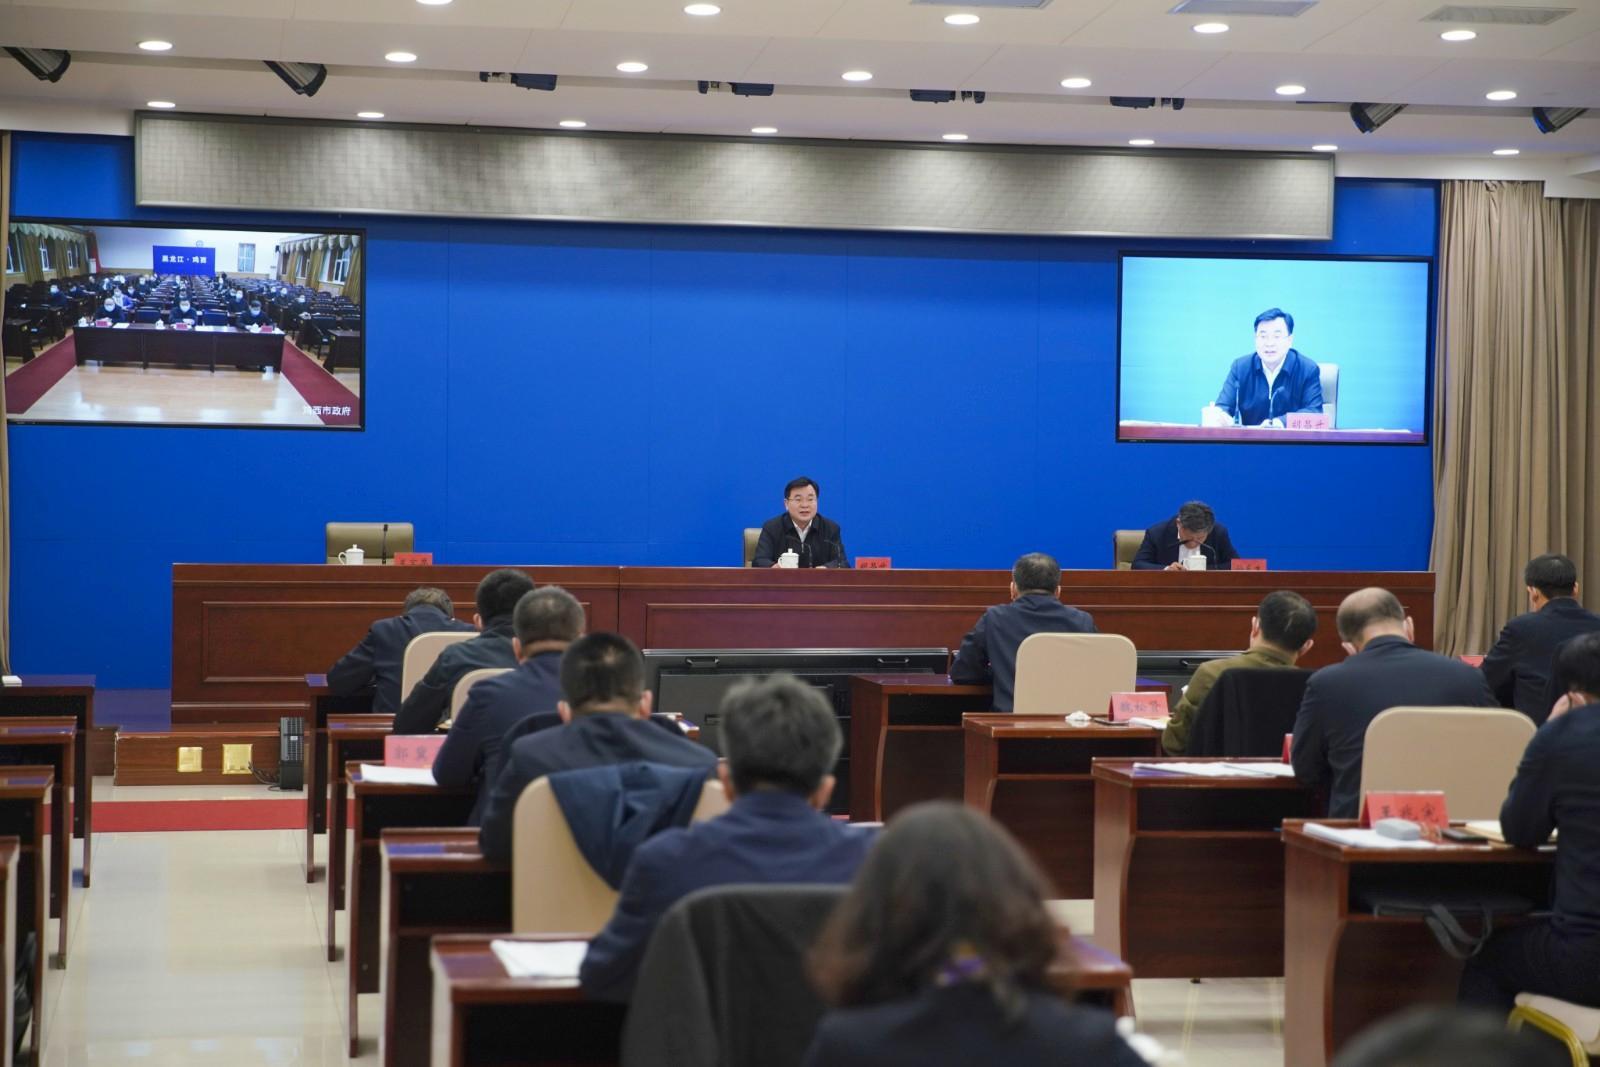 24日,胡昌升出席省新冠病毒疫苗接种工作推进会议暨新冠病毒疫苗接种工作领导小组第一次全体会议并讲话。